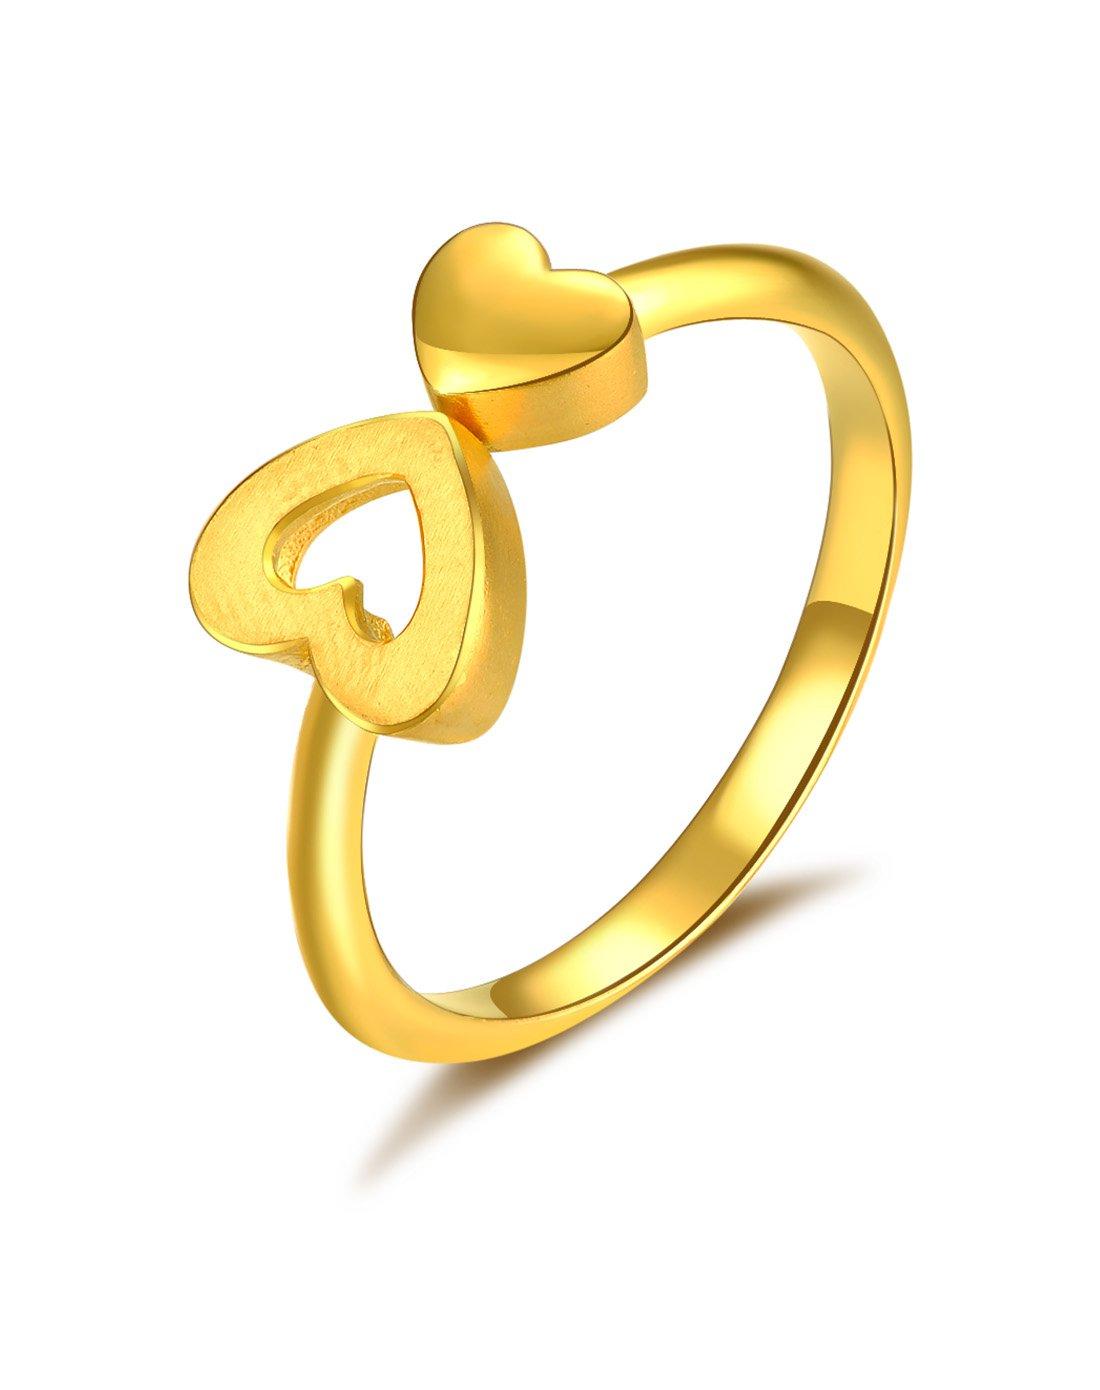 中国黄金足金黄金戒指心连心活口足金戒指精品计价ZGHJJZ1612